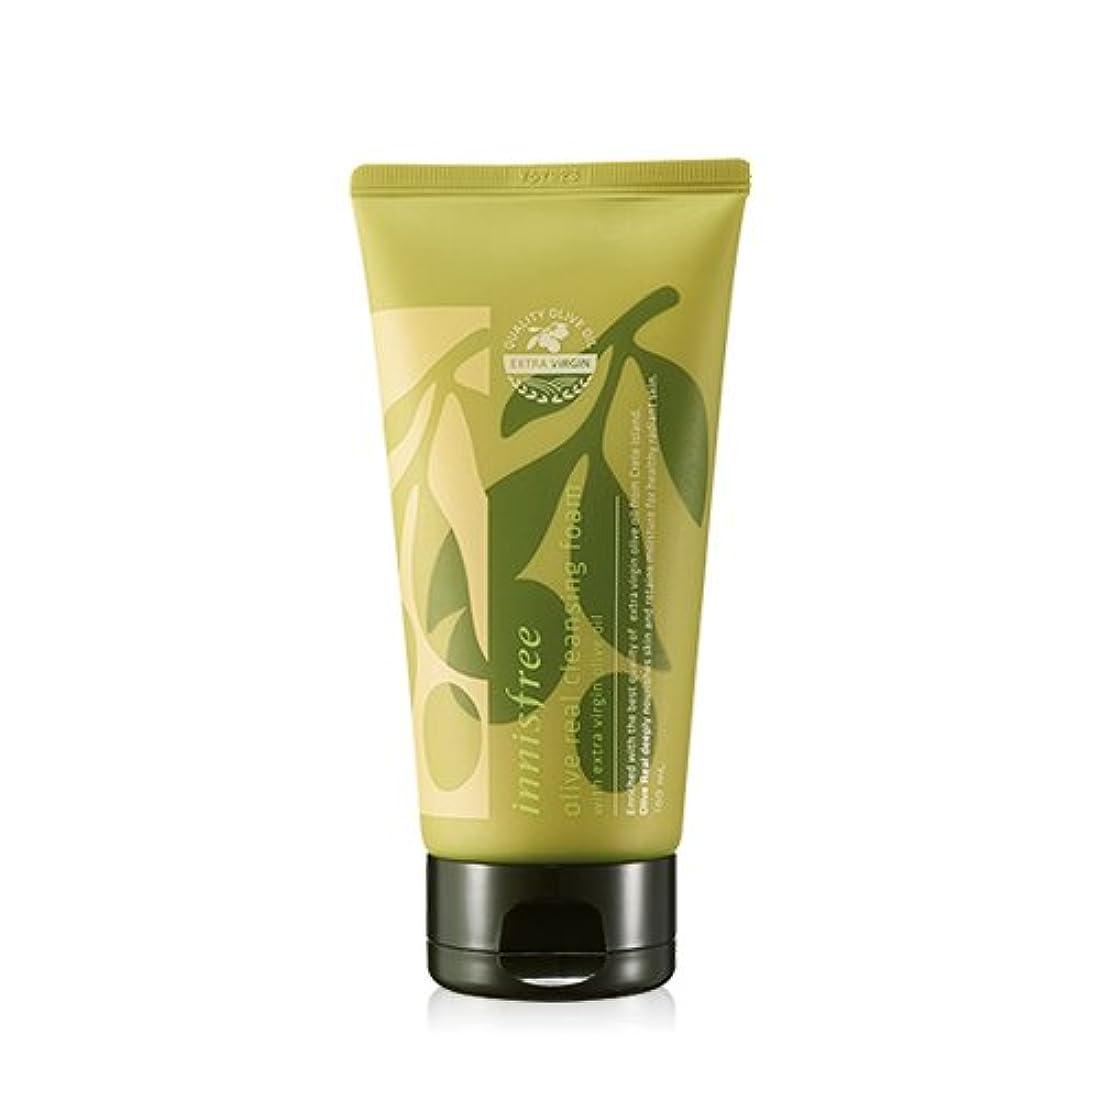 信頼性のある便宜ちなみに(3 Pack) INNISFREE Olive Real Cleansing Foam 150ml (並行輸入品)